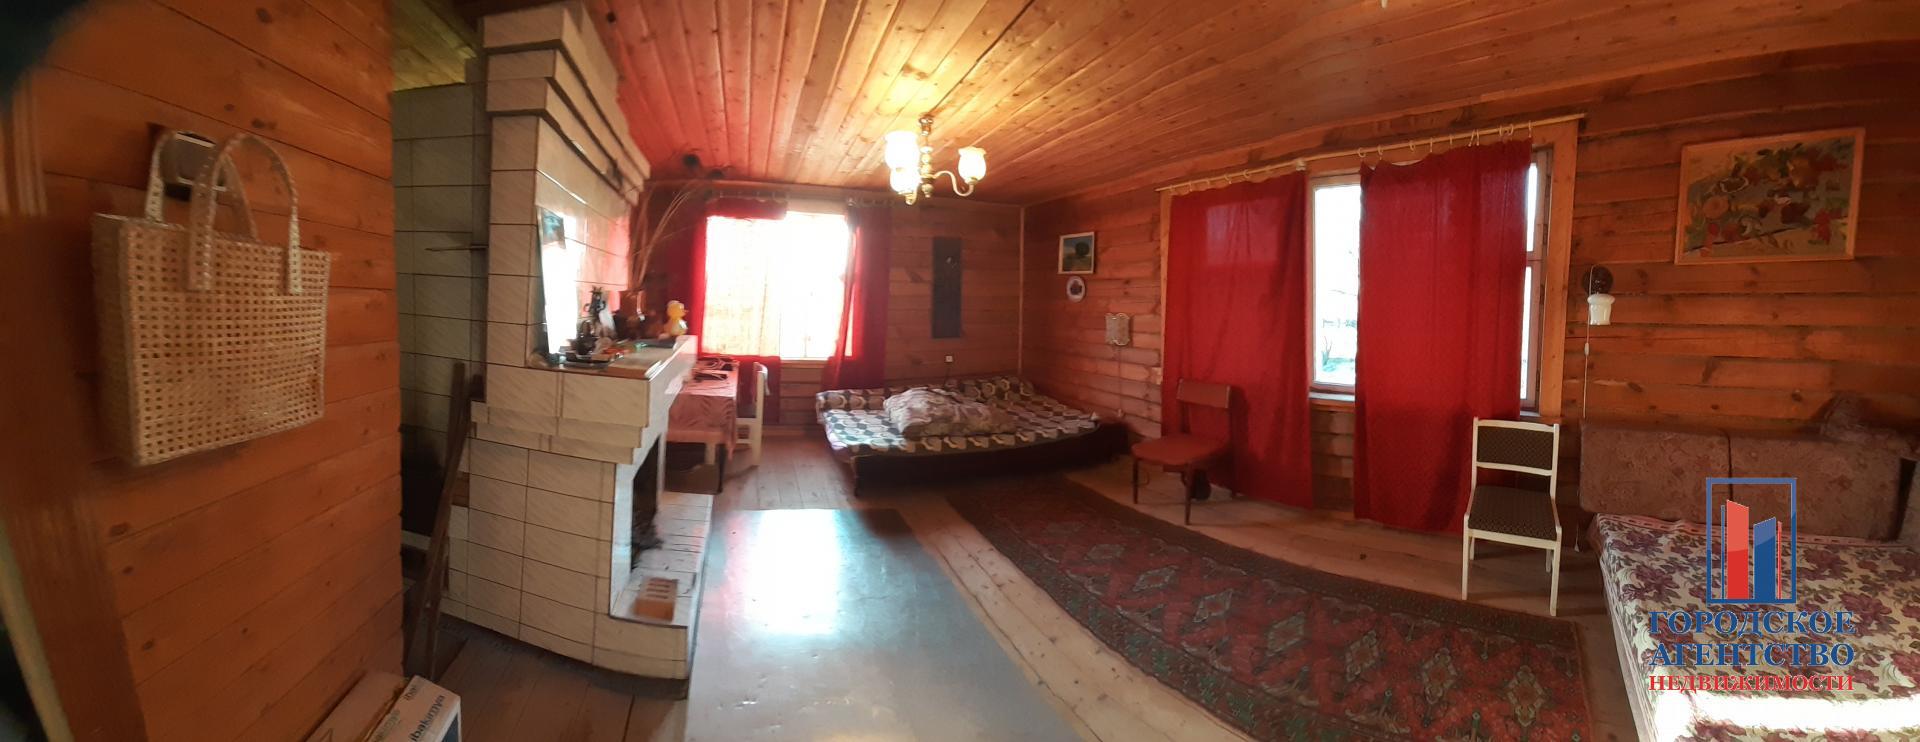 Продаётся  коттедж 133.8 кв.м.  за 1 600 000 руб